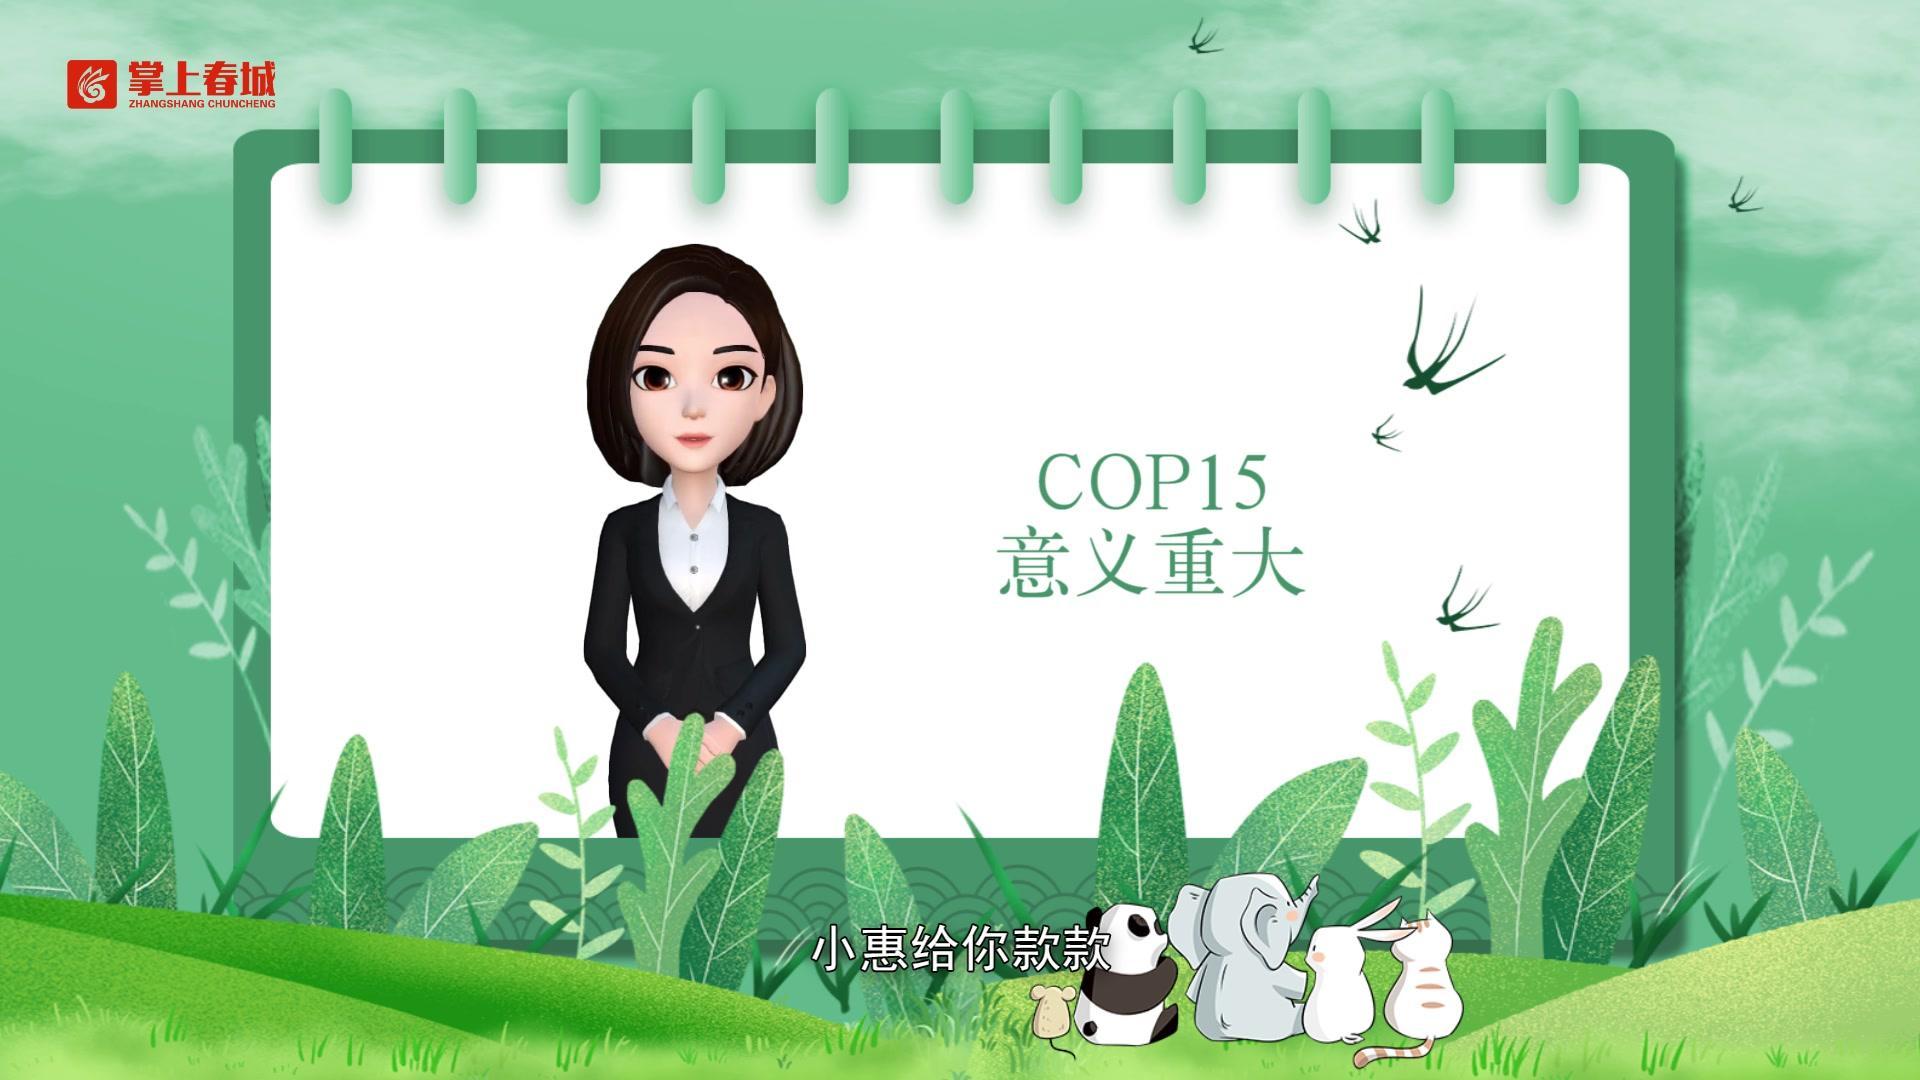 AI主播说COP15④|COP15,意义重大!cop15春城之约